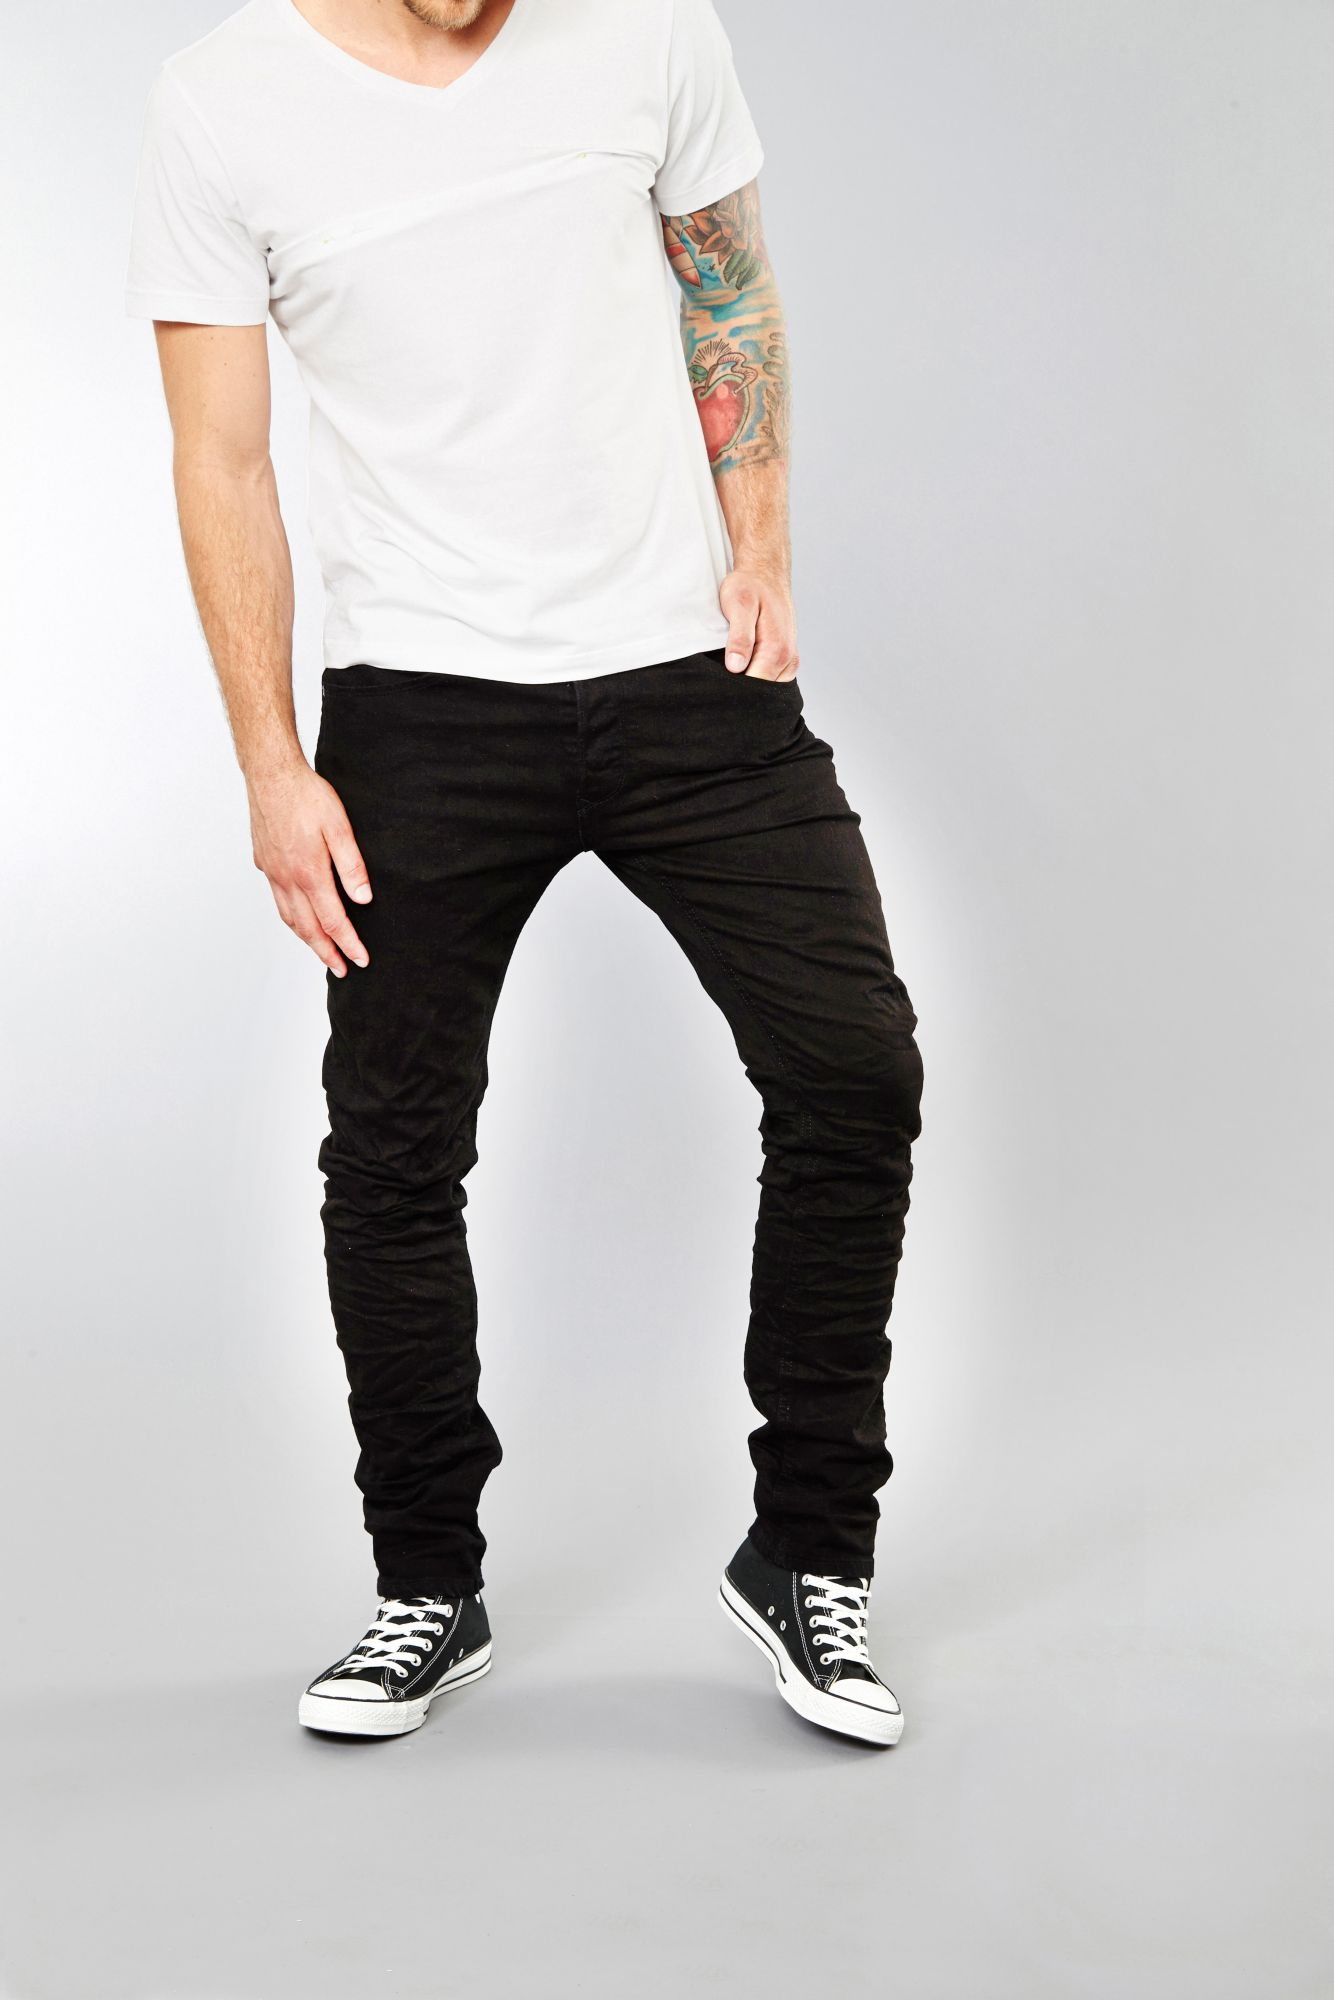 BLEND Blend Twister slim fit jeans